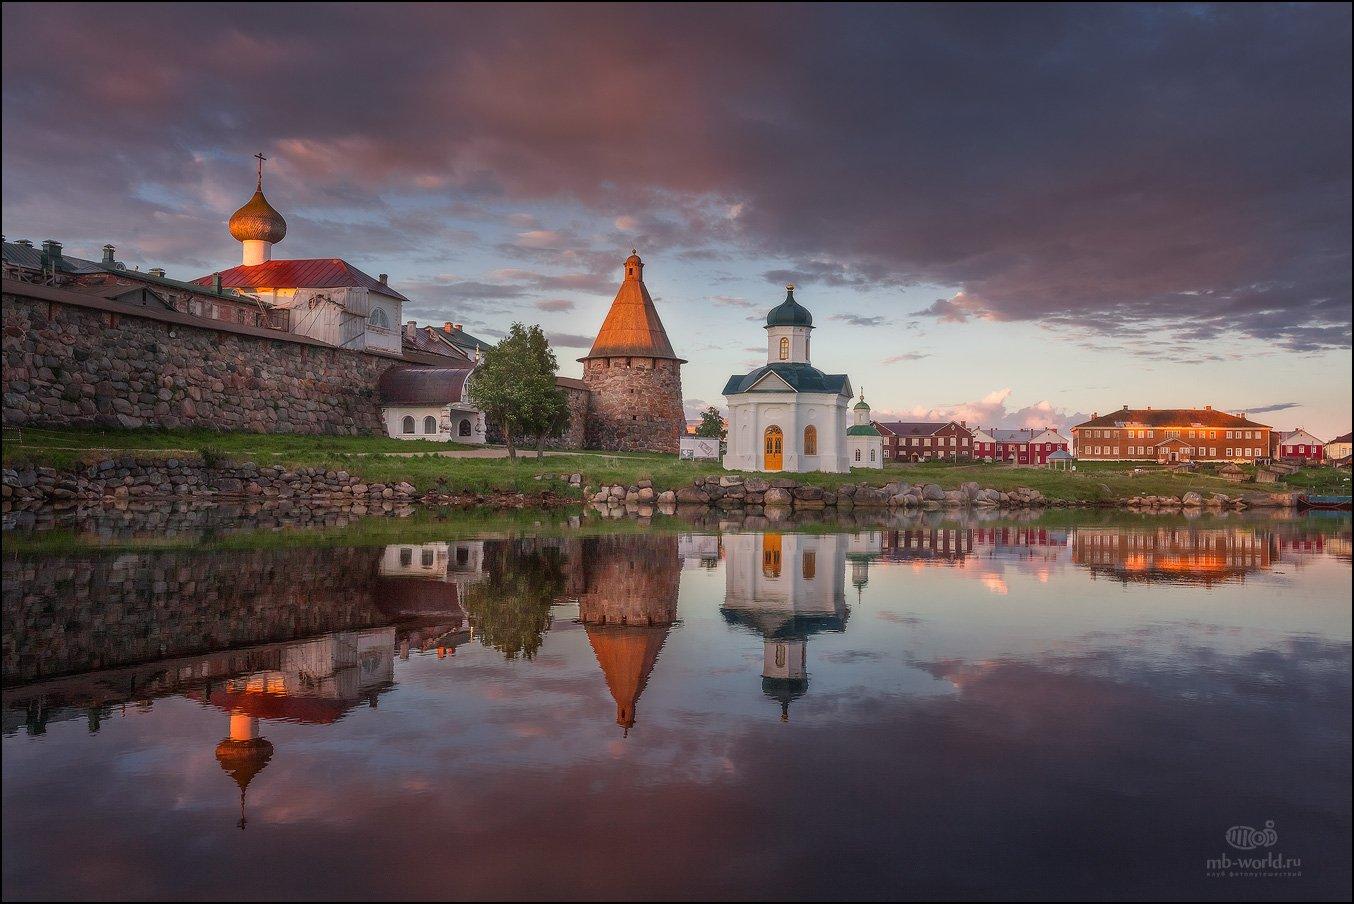 Россия, Соловки, рассвет, пейзаж, Михаил Воробьев